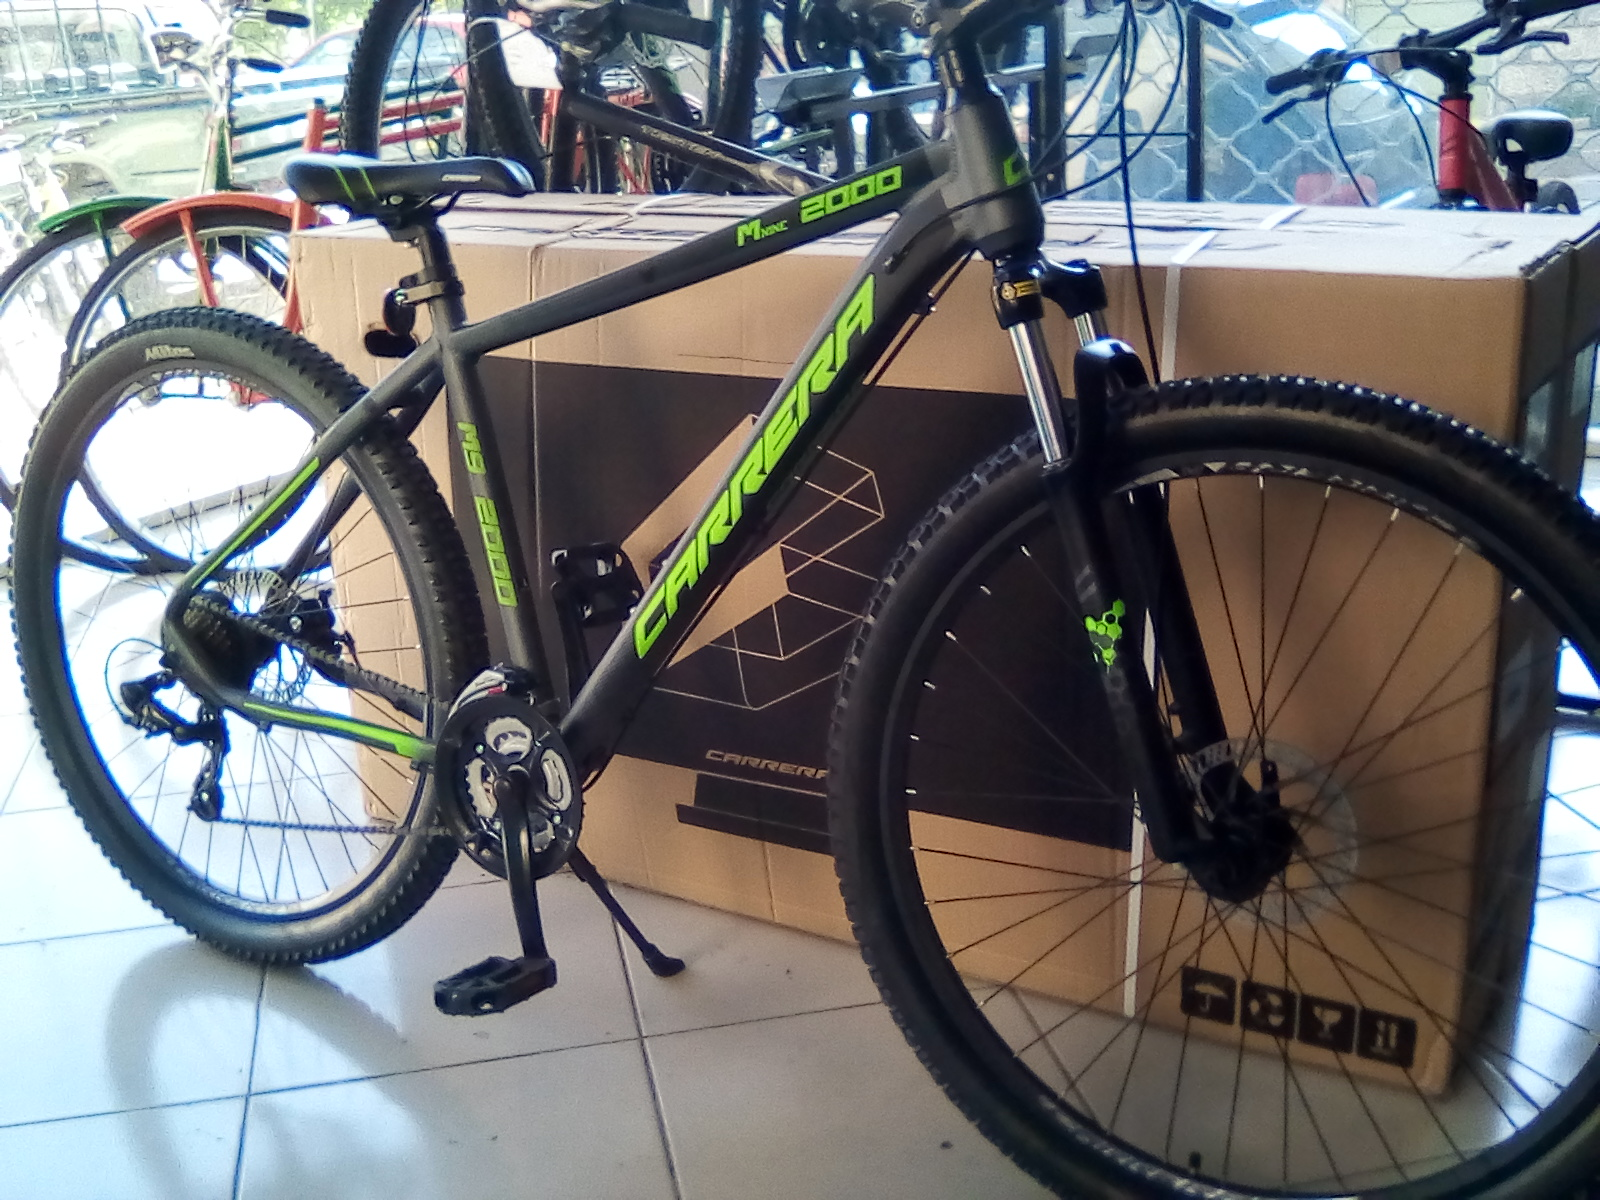 Ποδήλατο Carrerra M9 2000 MD – Action Bike Σπάρτη